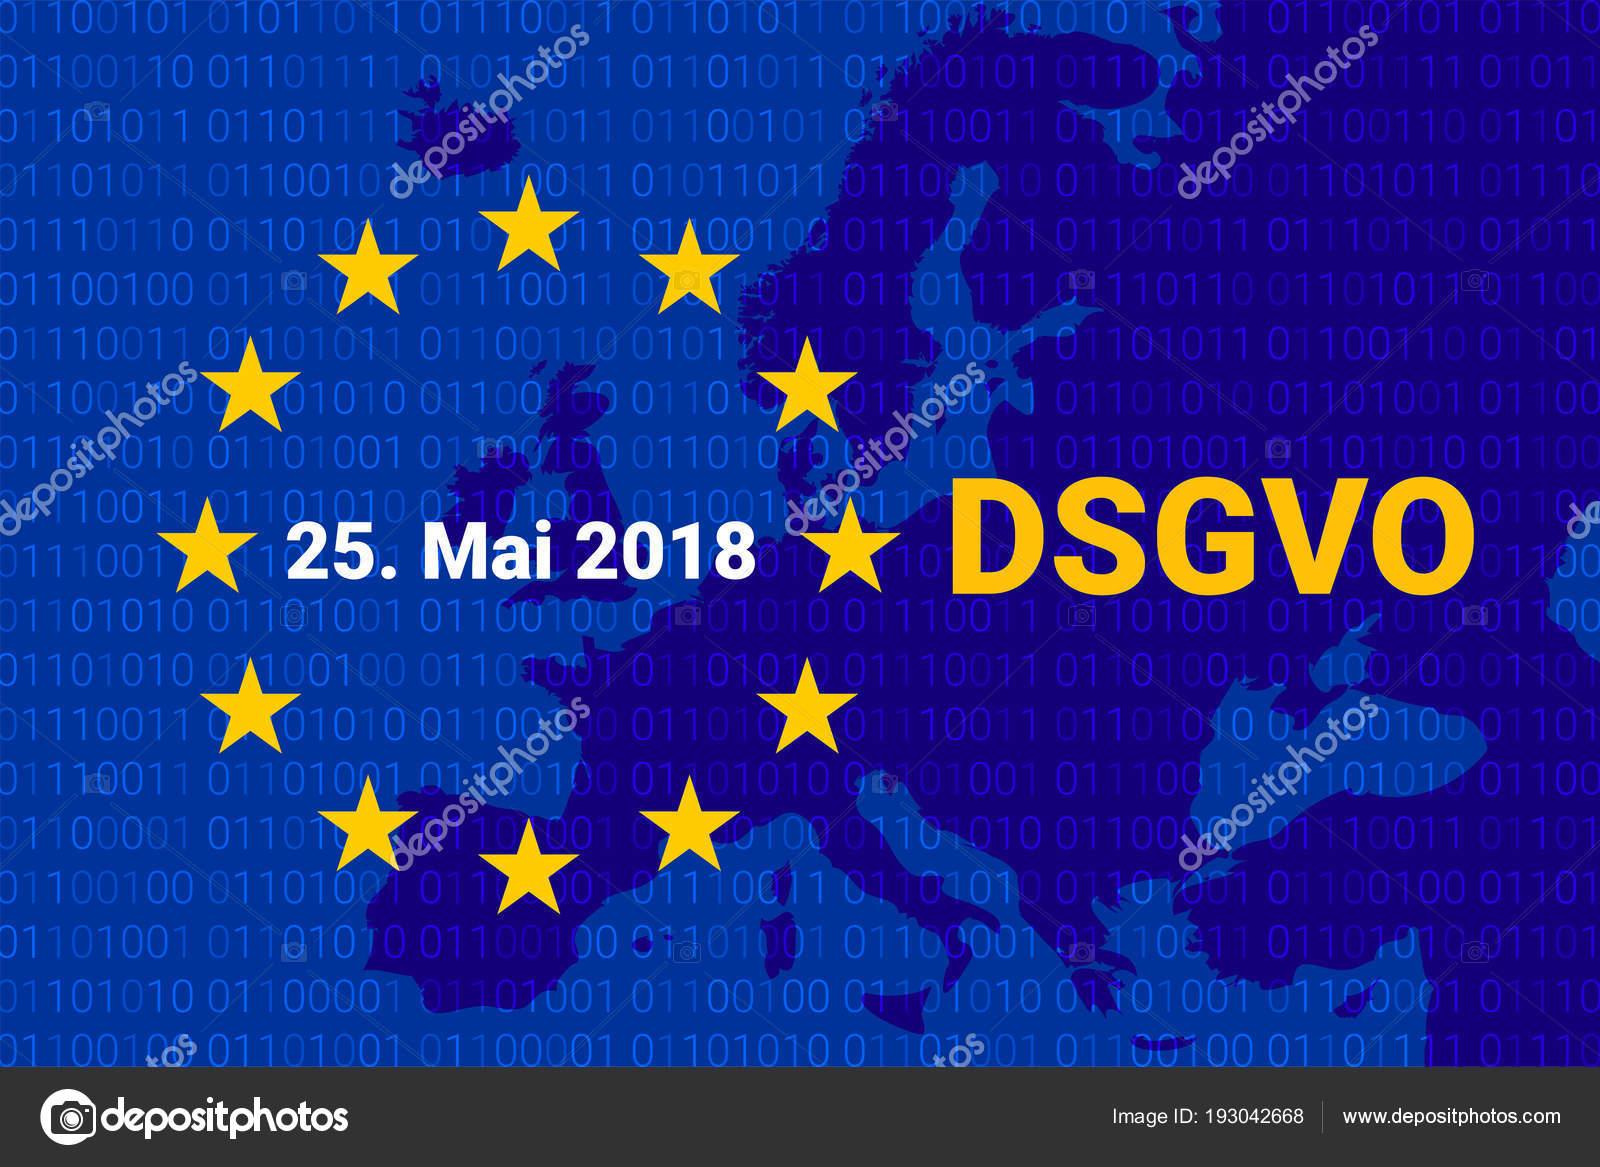 62448ea81 Dsgvo - Datenschutz-Grundverordnung alemão. PIBR - regulamento geral de  proteção de dados. ilustração em vetor. mapa da Europa — Vetor de  Vector.Plus